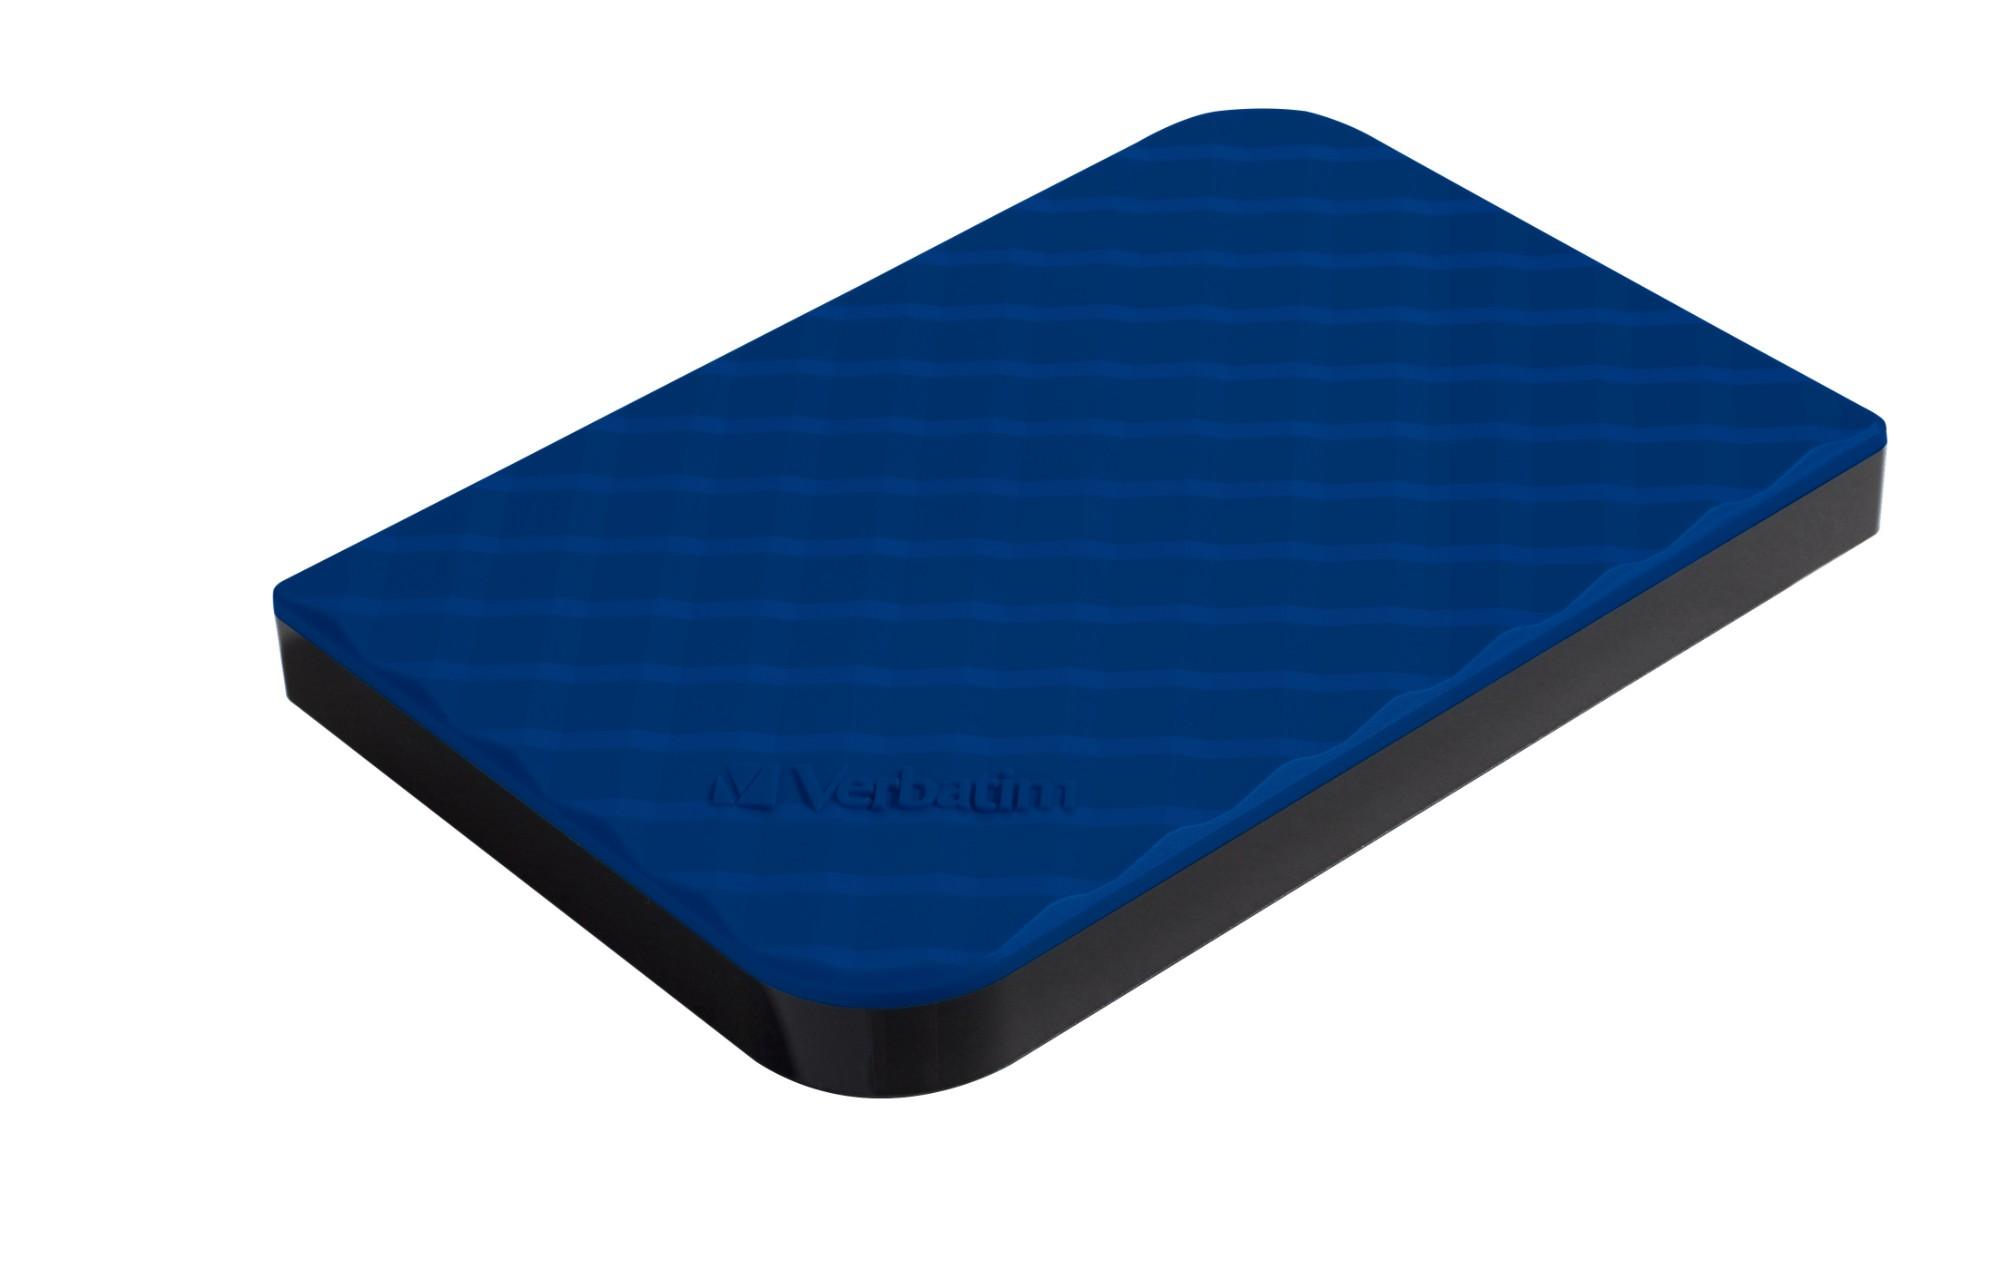 Verbatim Store 'n' Go USB 3.0 Hard Drive 1TB Blue